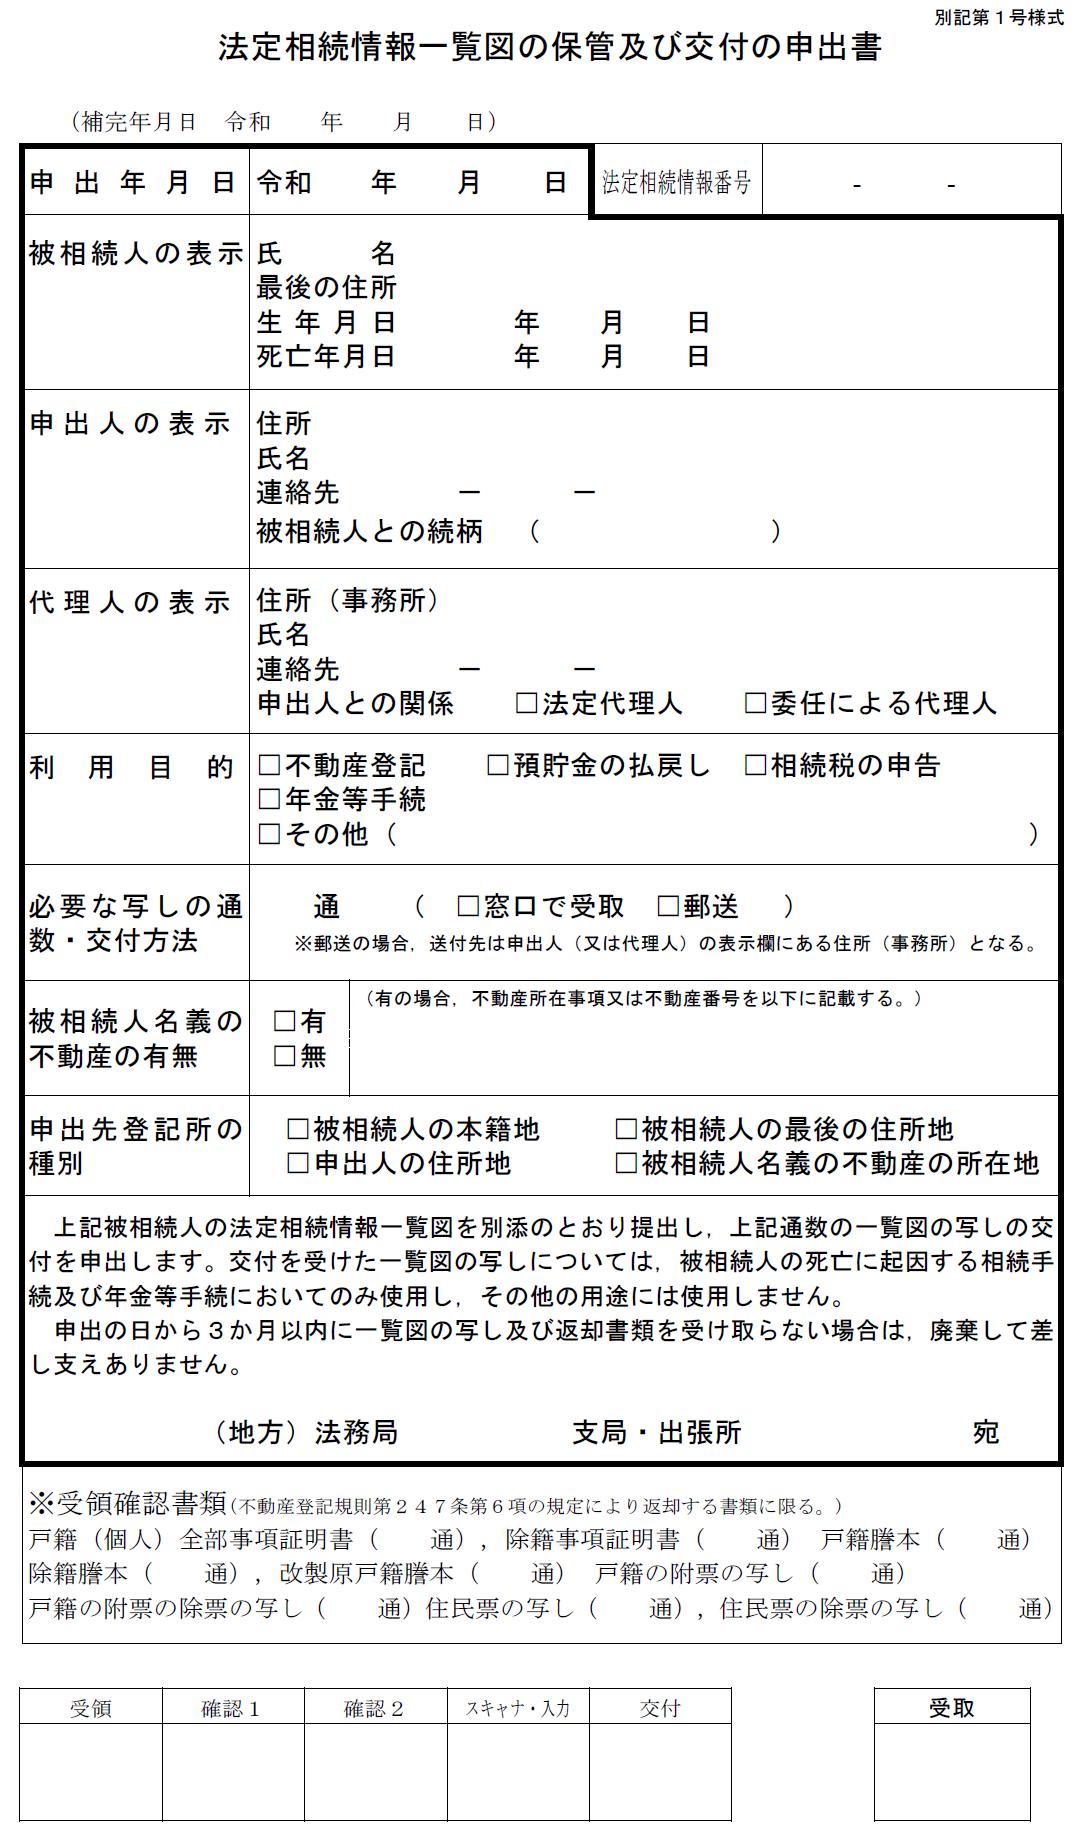 法定相続情報一覧図の保管及び交付の申出書の様式